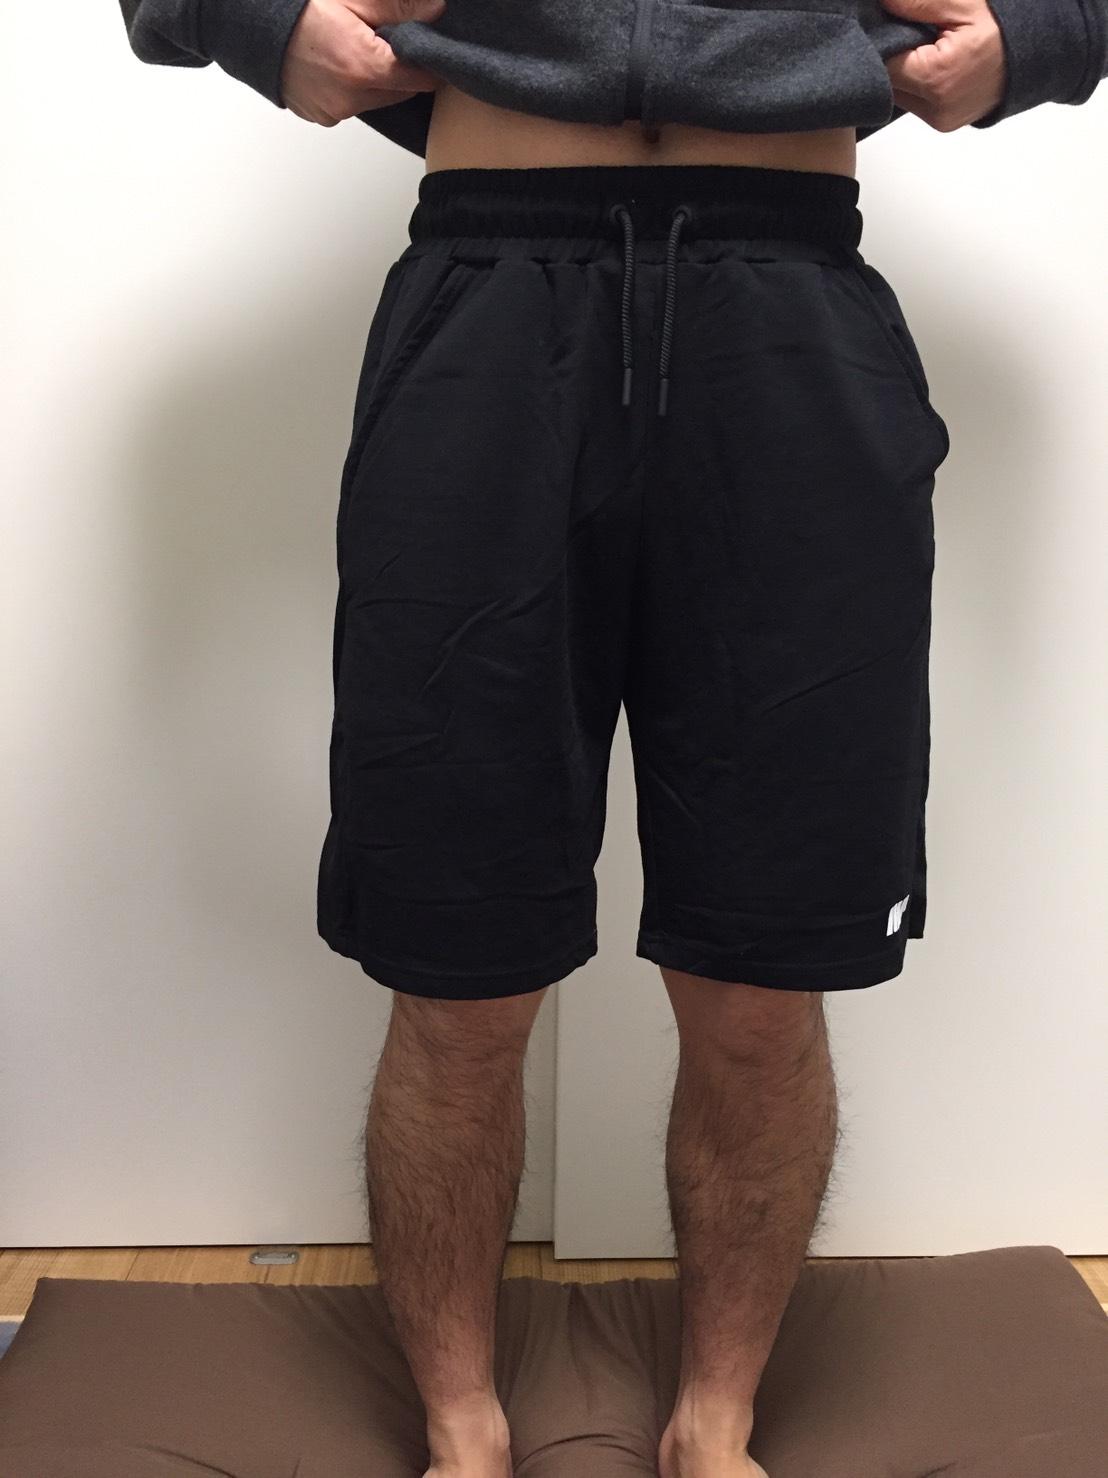 「スーパーライト ショーツ」のブラック、Mサイズを着用した様子